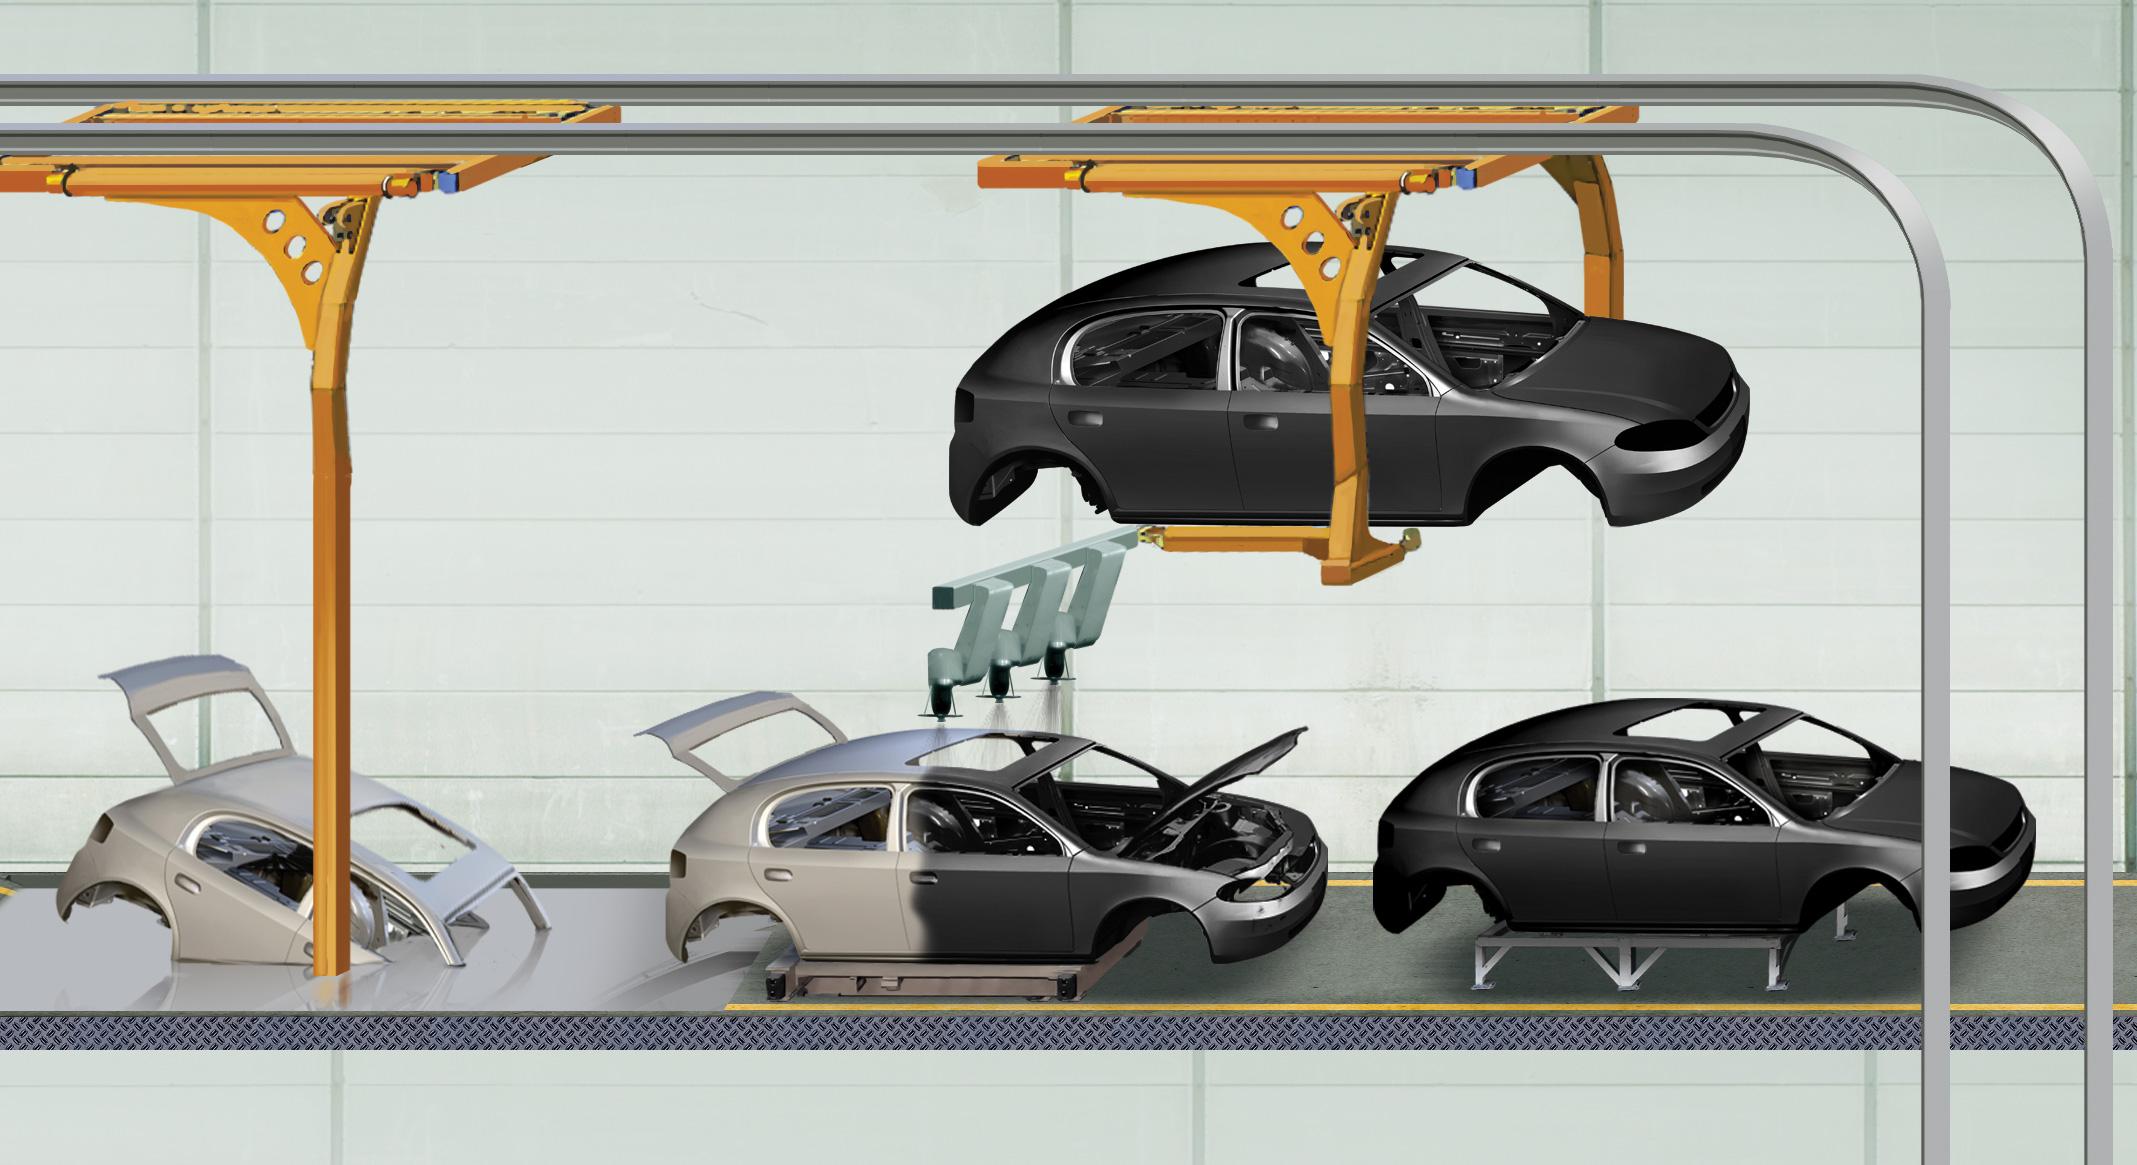 Como funciona uma linha de montagem de automóveis?